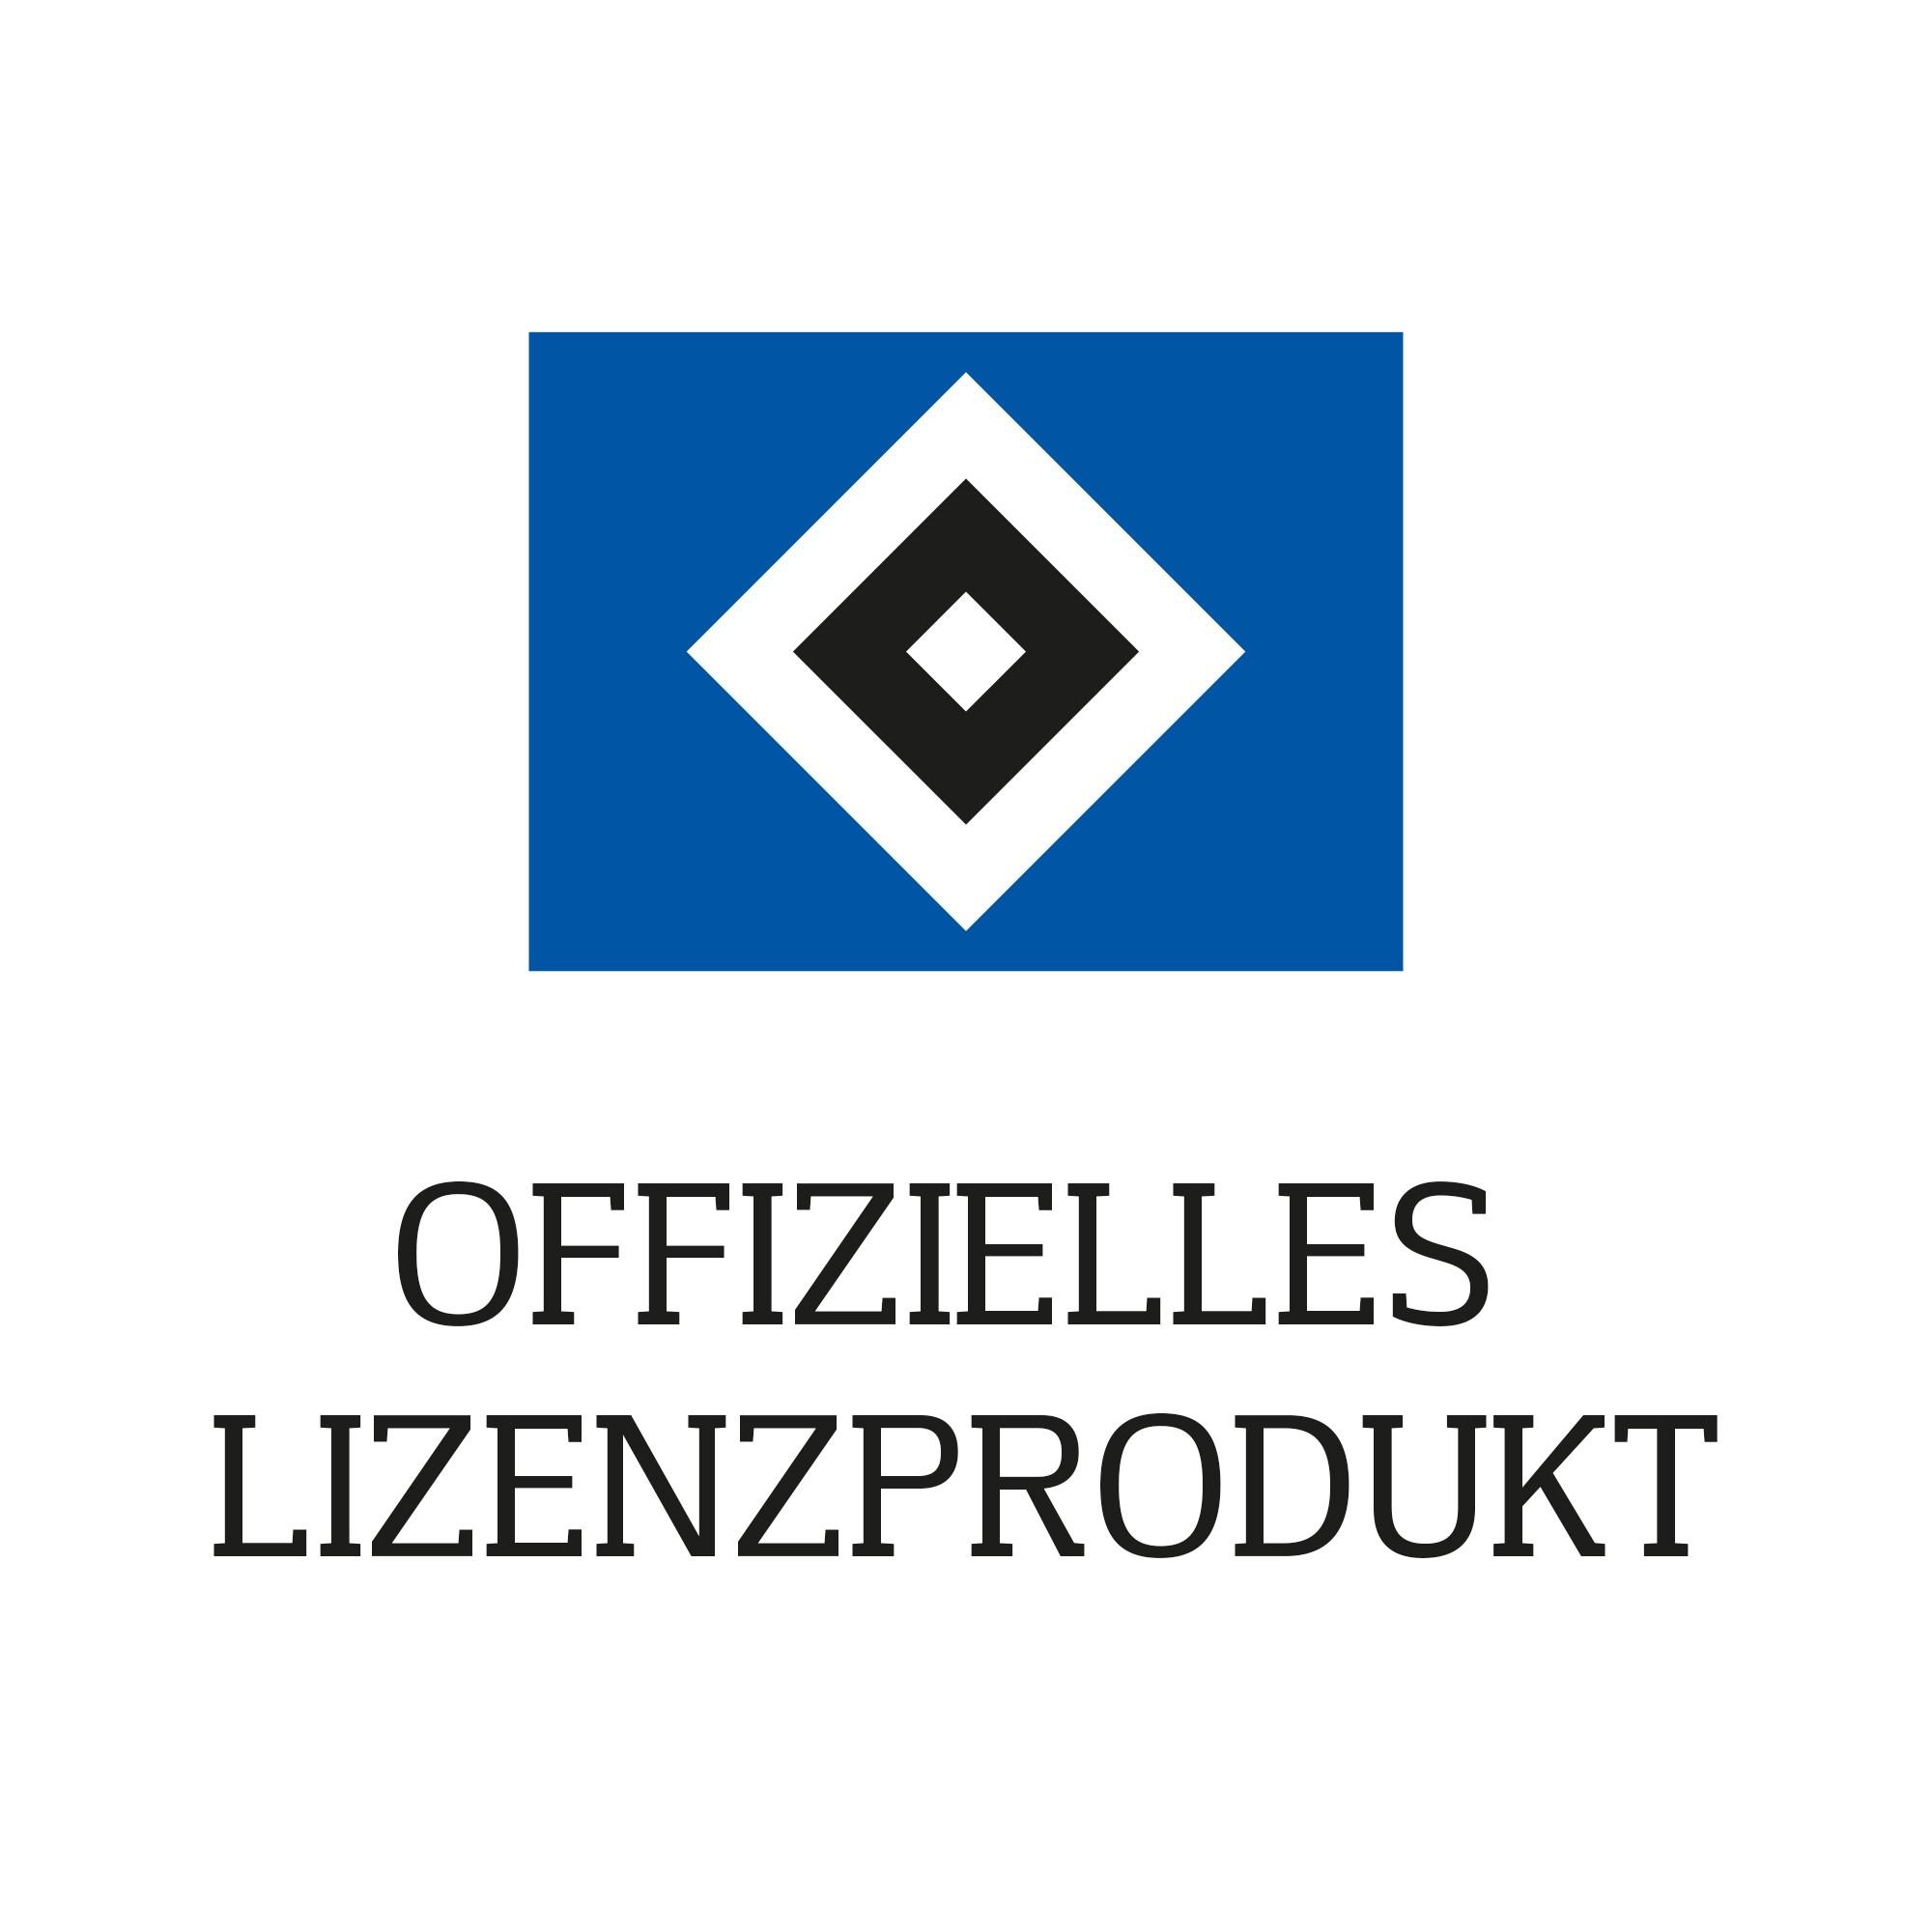 offizielles Lizenzprodukt - HSV - MaskEgg